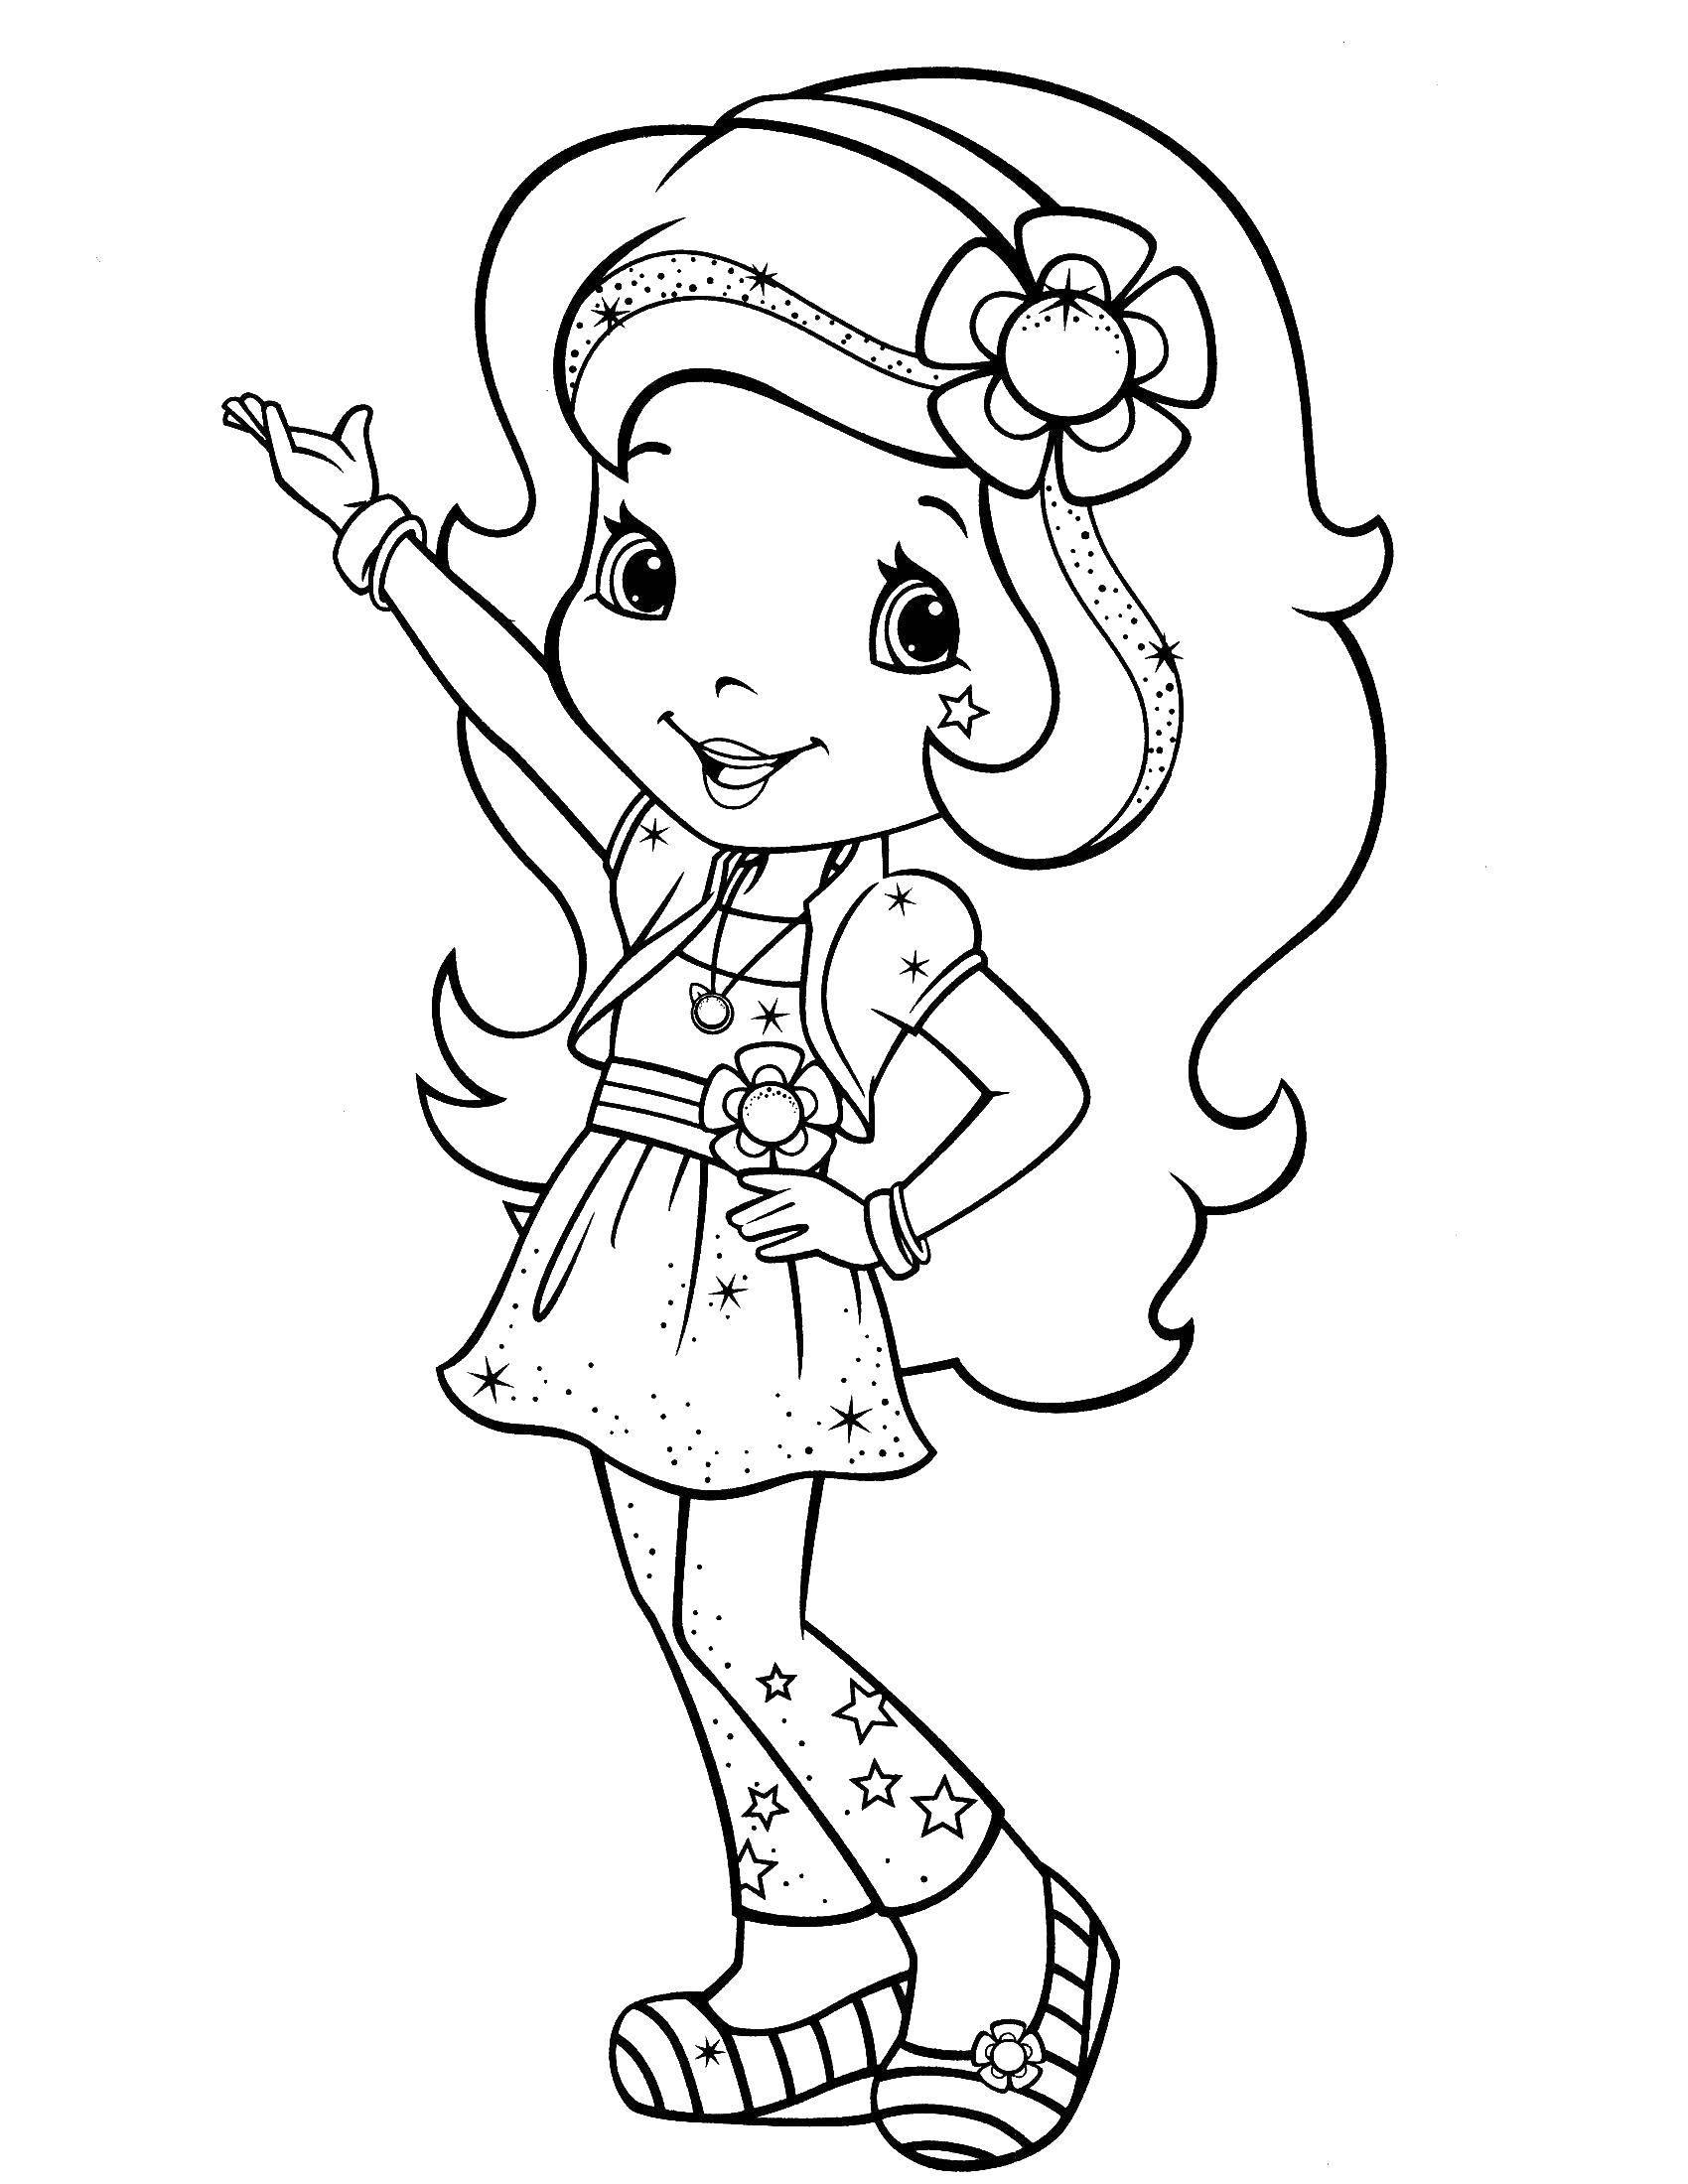 Раскраска Шарлотта земляничка Скачать шарлотта, земляничка, мультики.  Распечатать ,шарлотта земляничка мультики,